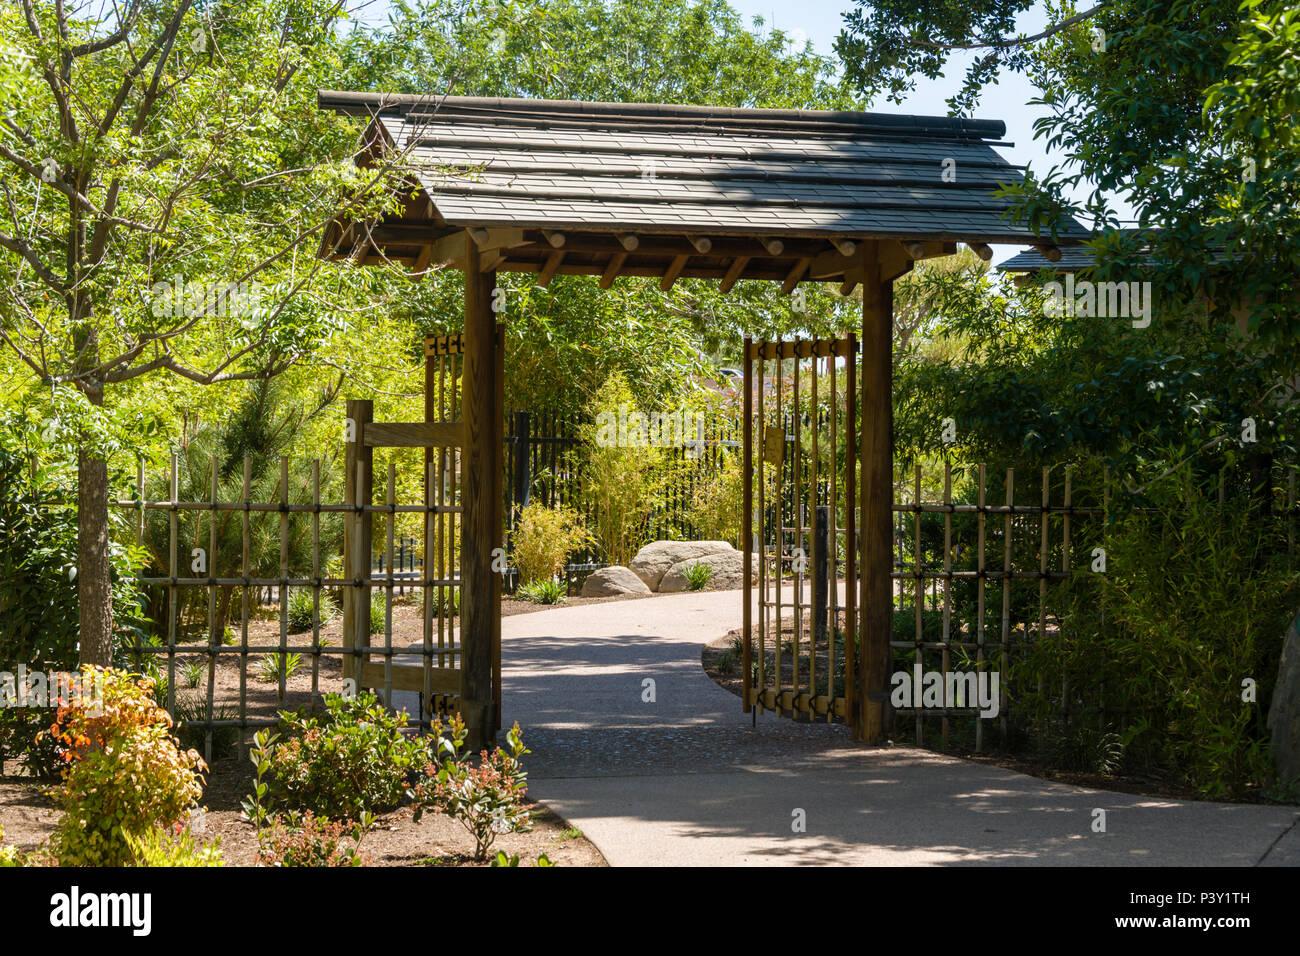 Amitié porte de jardin japonais Banque D\'Images, Photo Stock ...